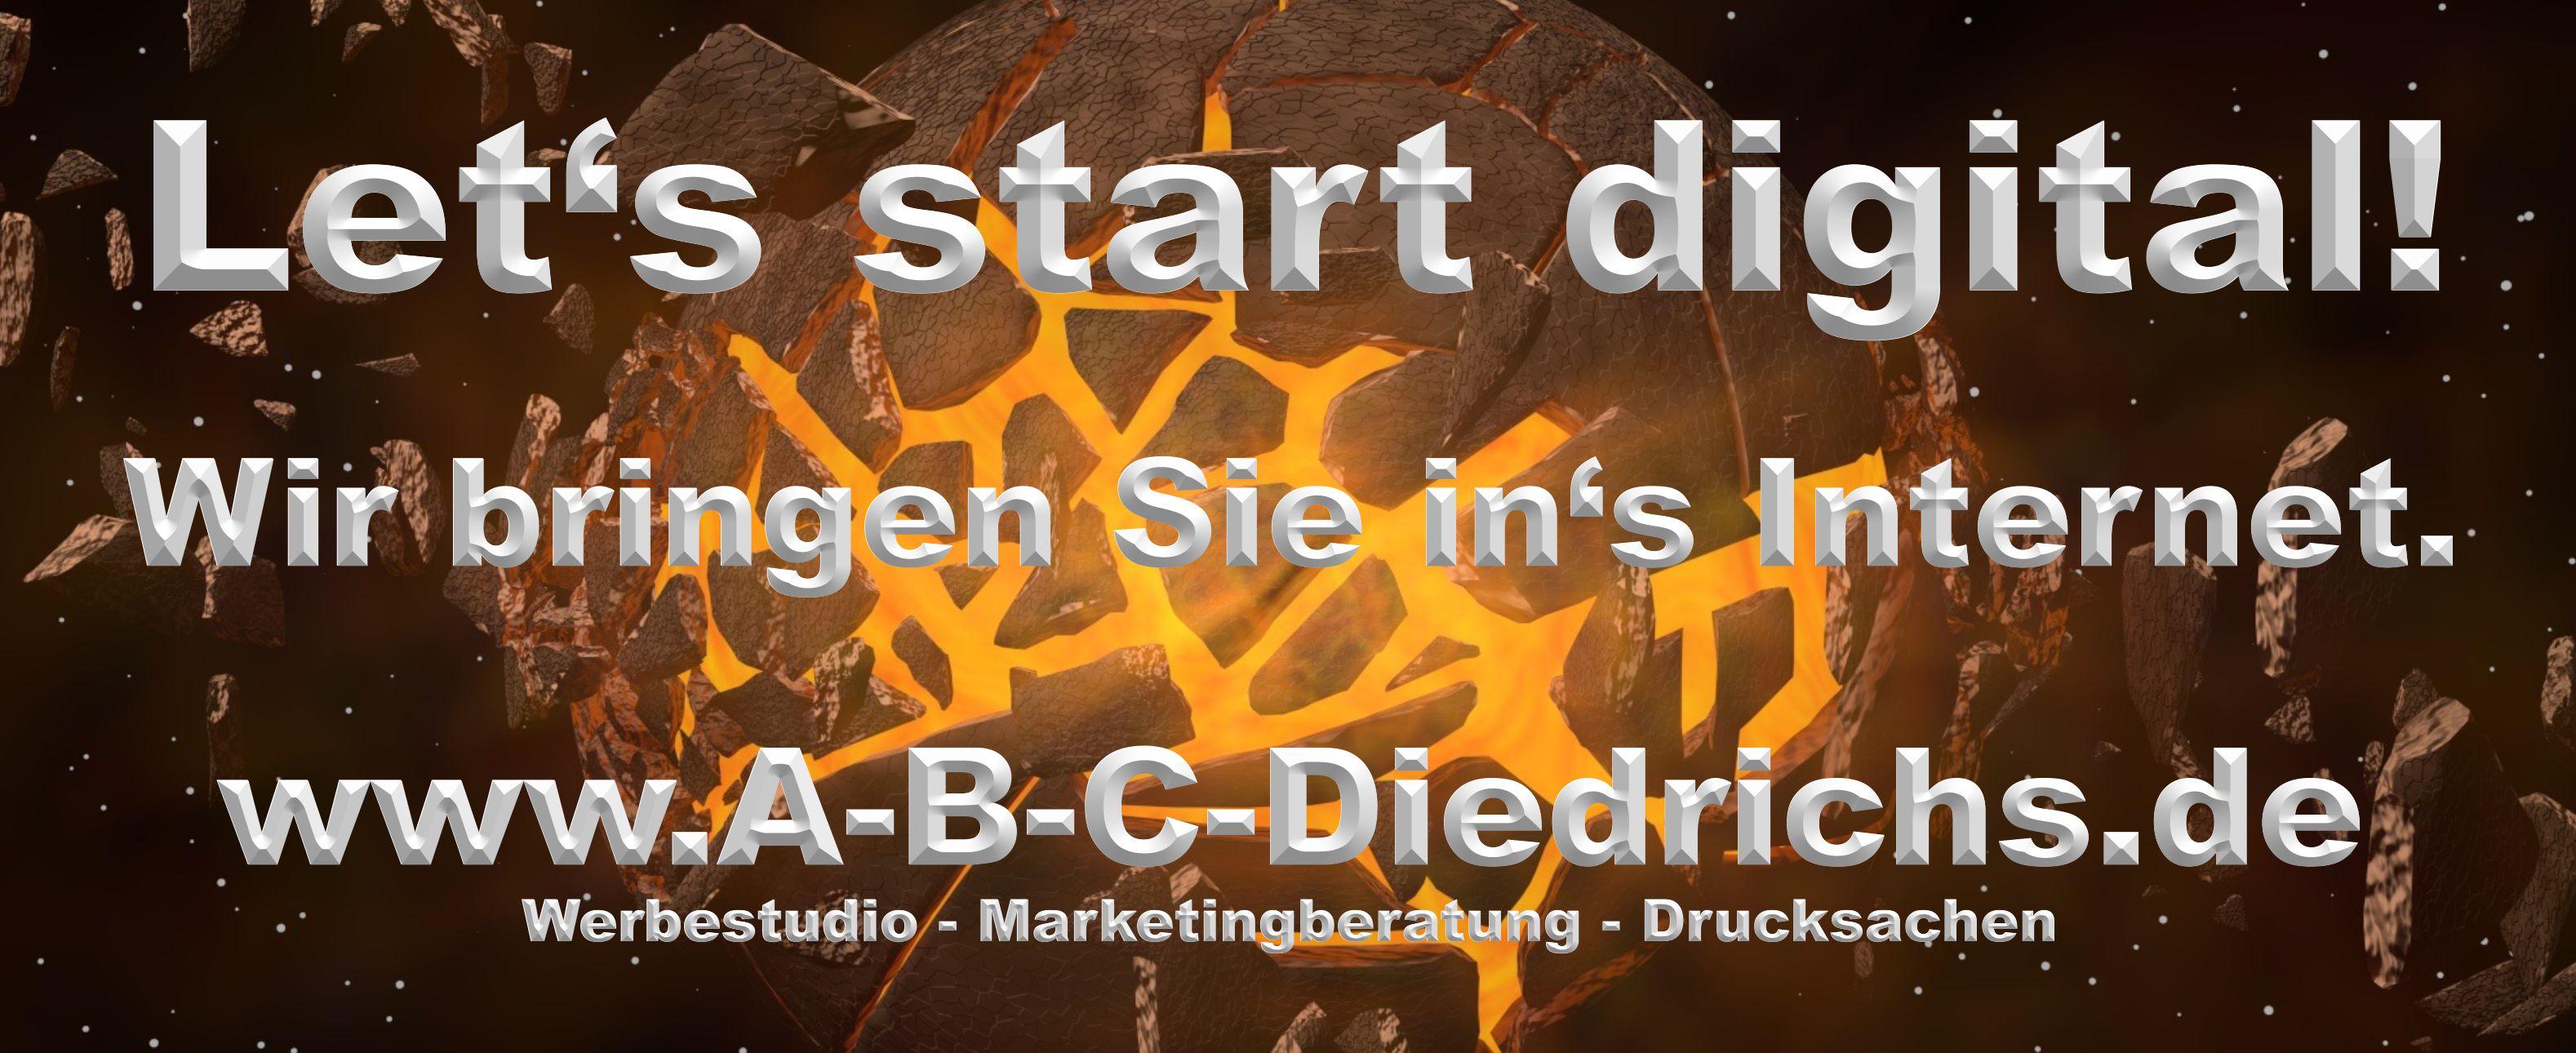 A-B-C-Diedrichs